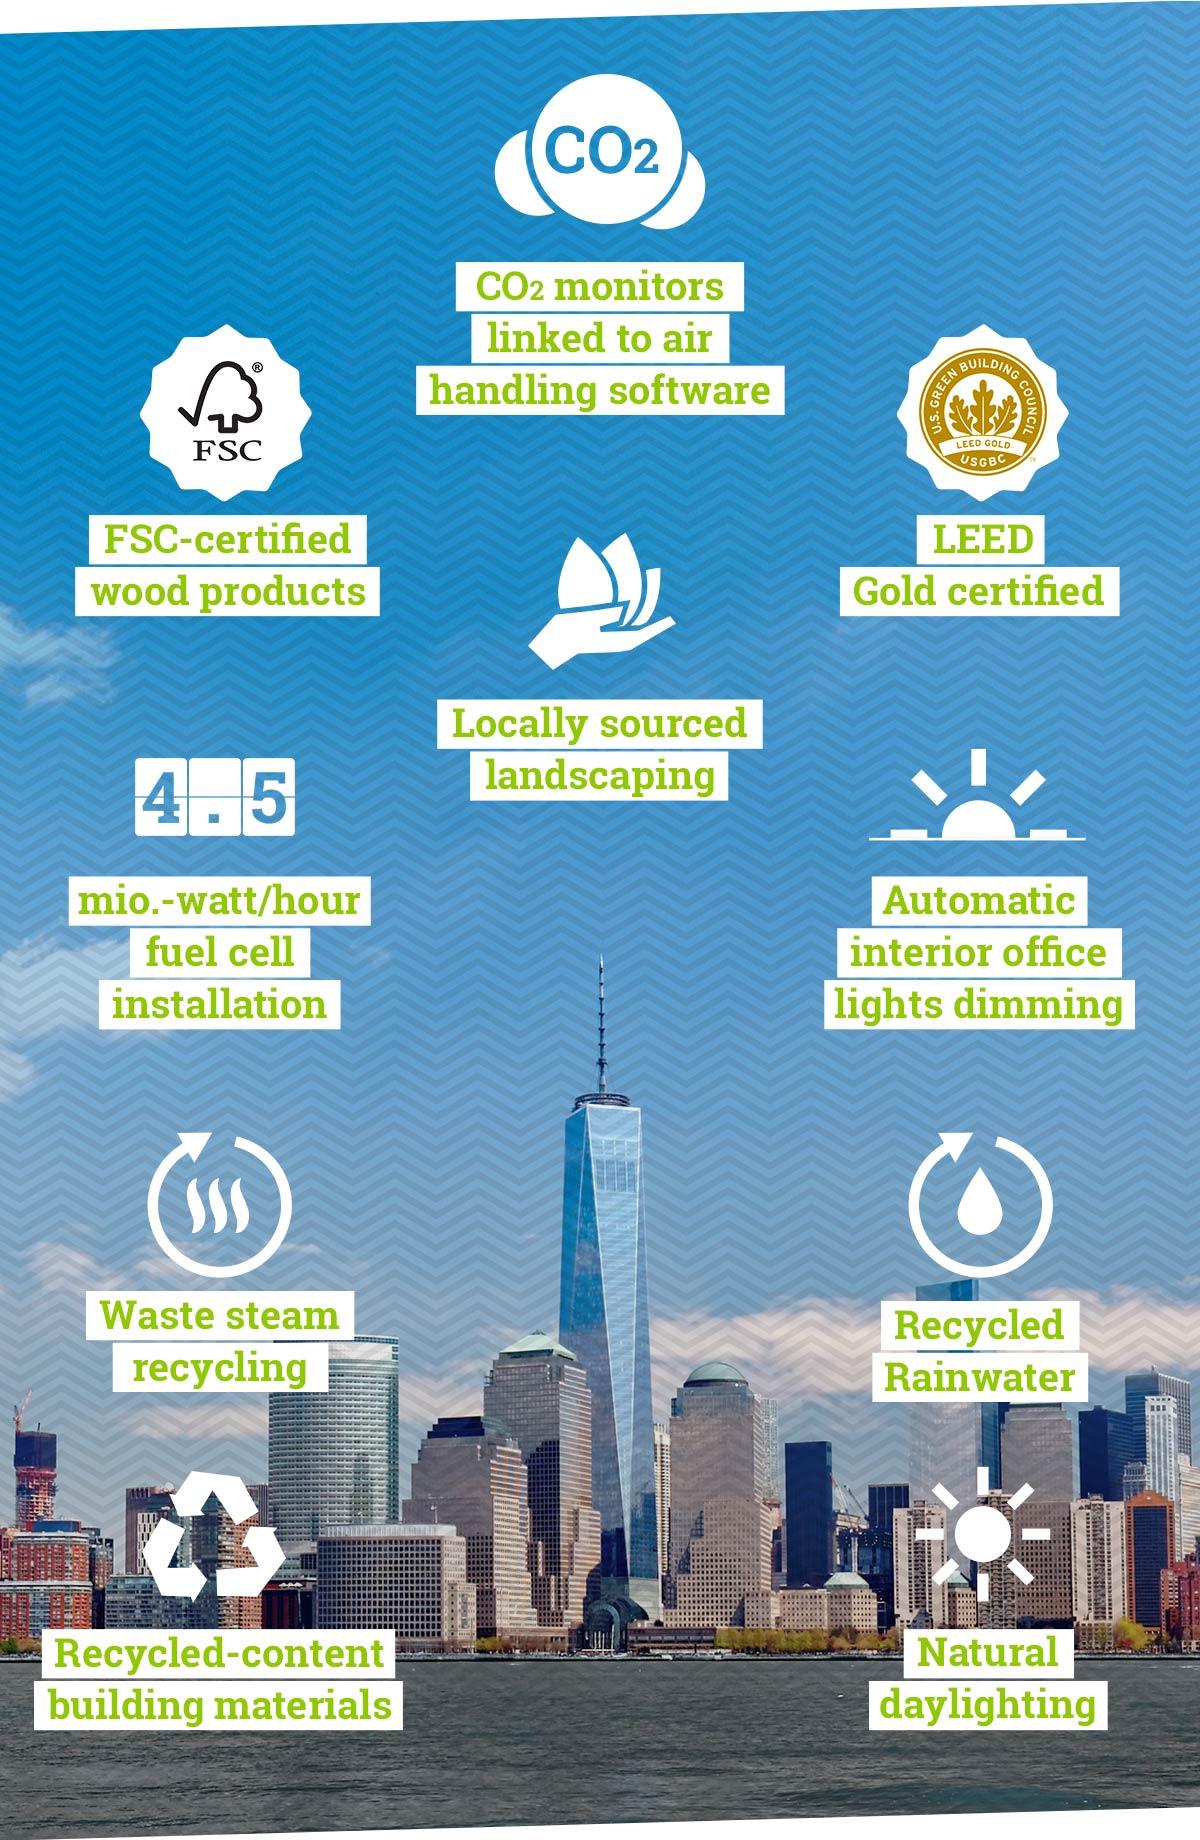 Urbanes Wachstum mithilfe zukunftsweisender Technologien